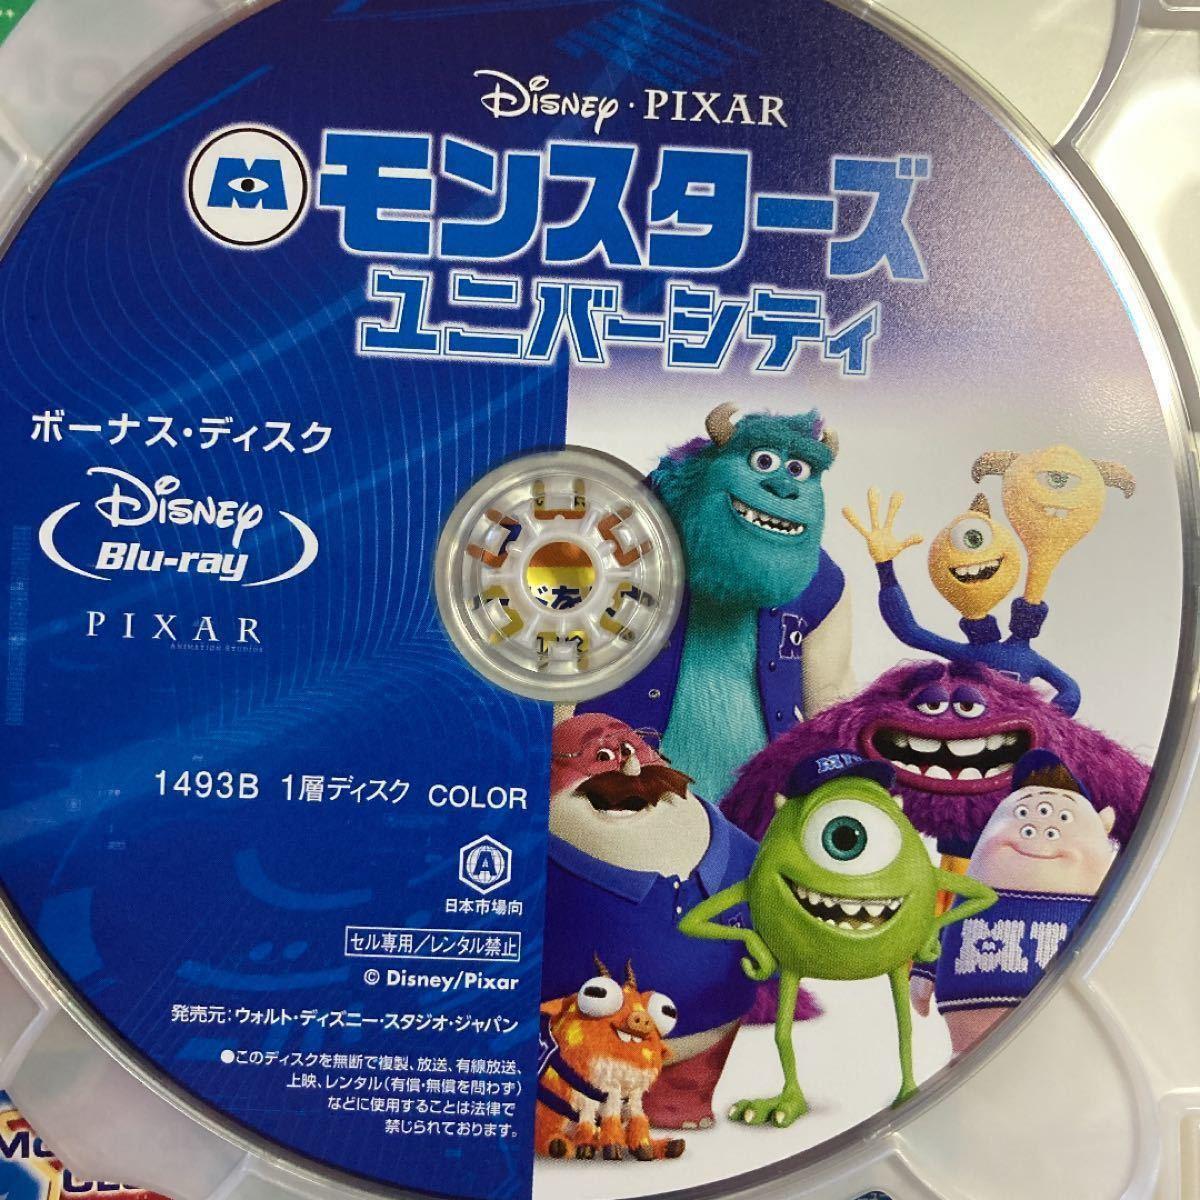 ディズニー 2Blu-ray/モンスターズユニバーシティ MovieNEX &Mr.インクレディブル